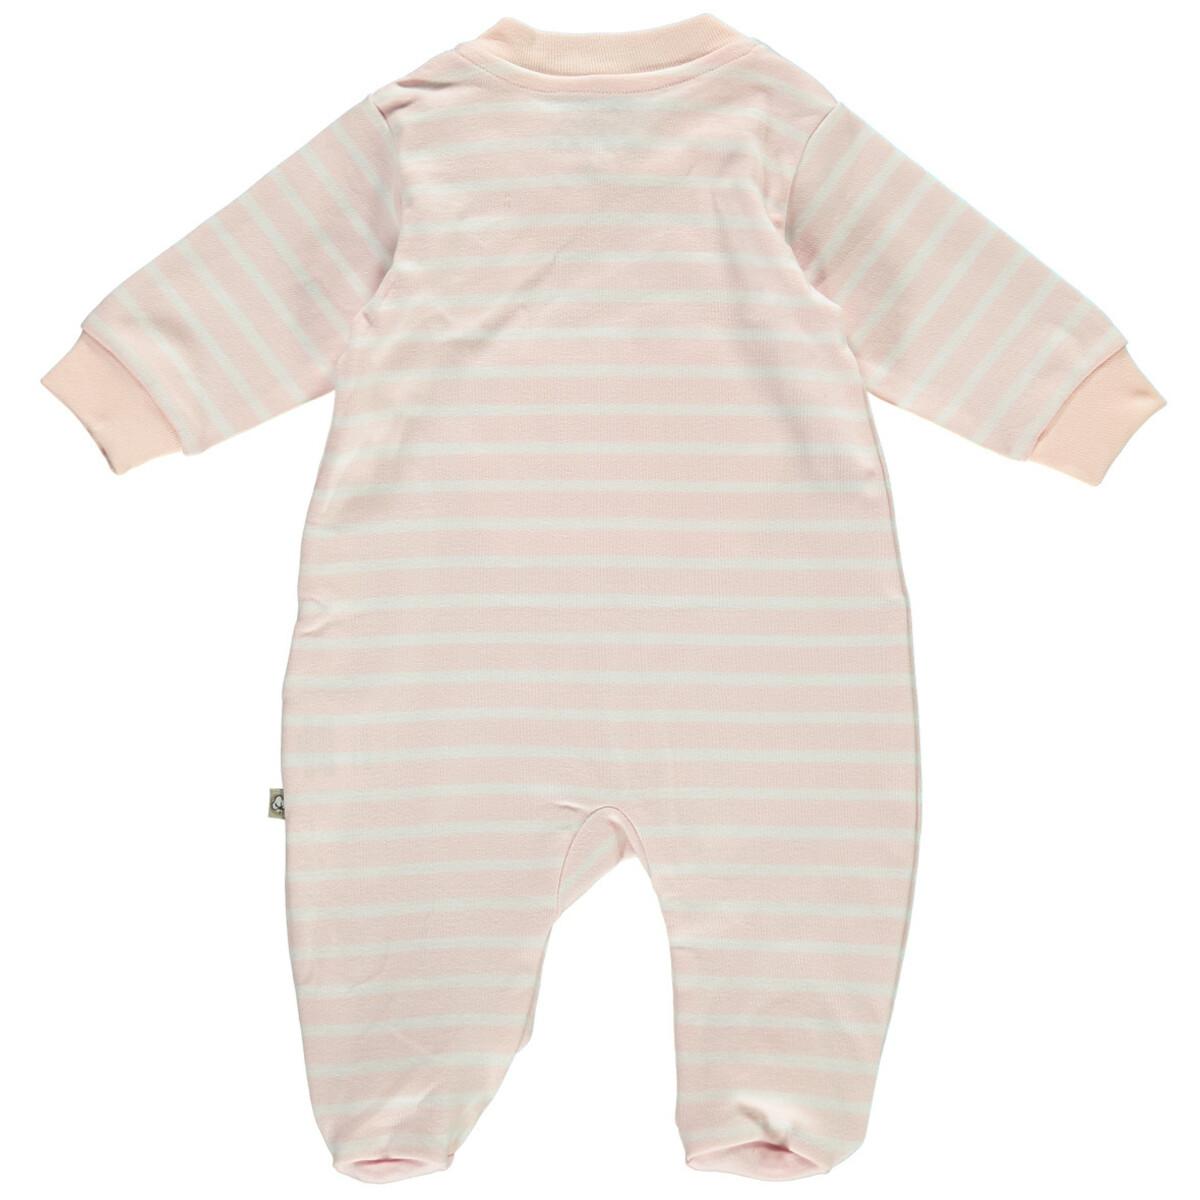 Bild 2 von Baby Mädchen Pyjama einteilig